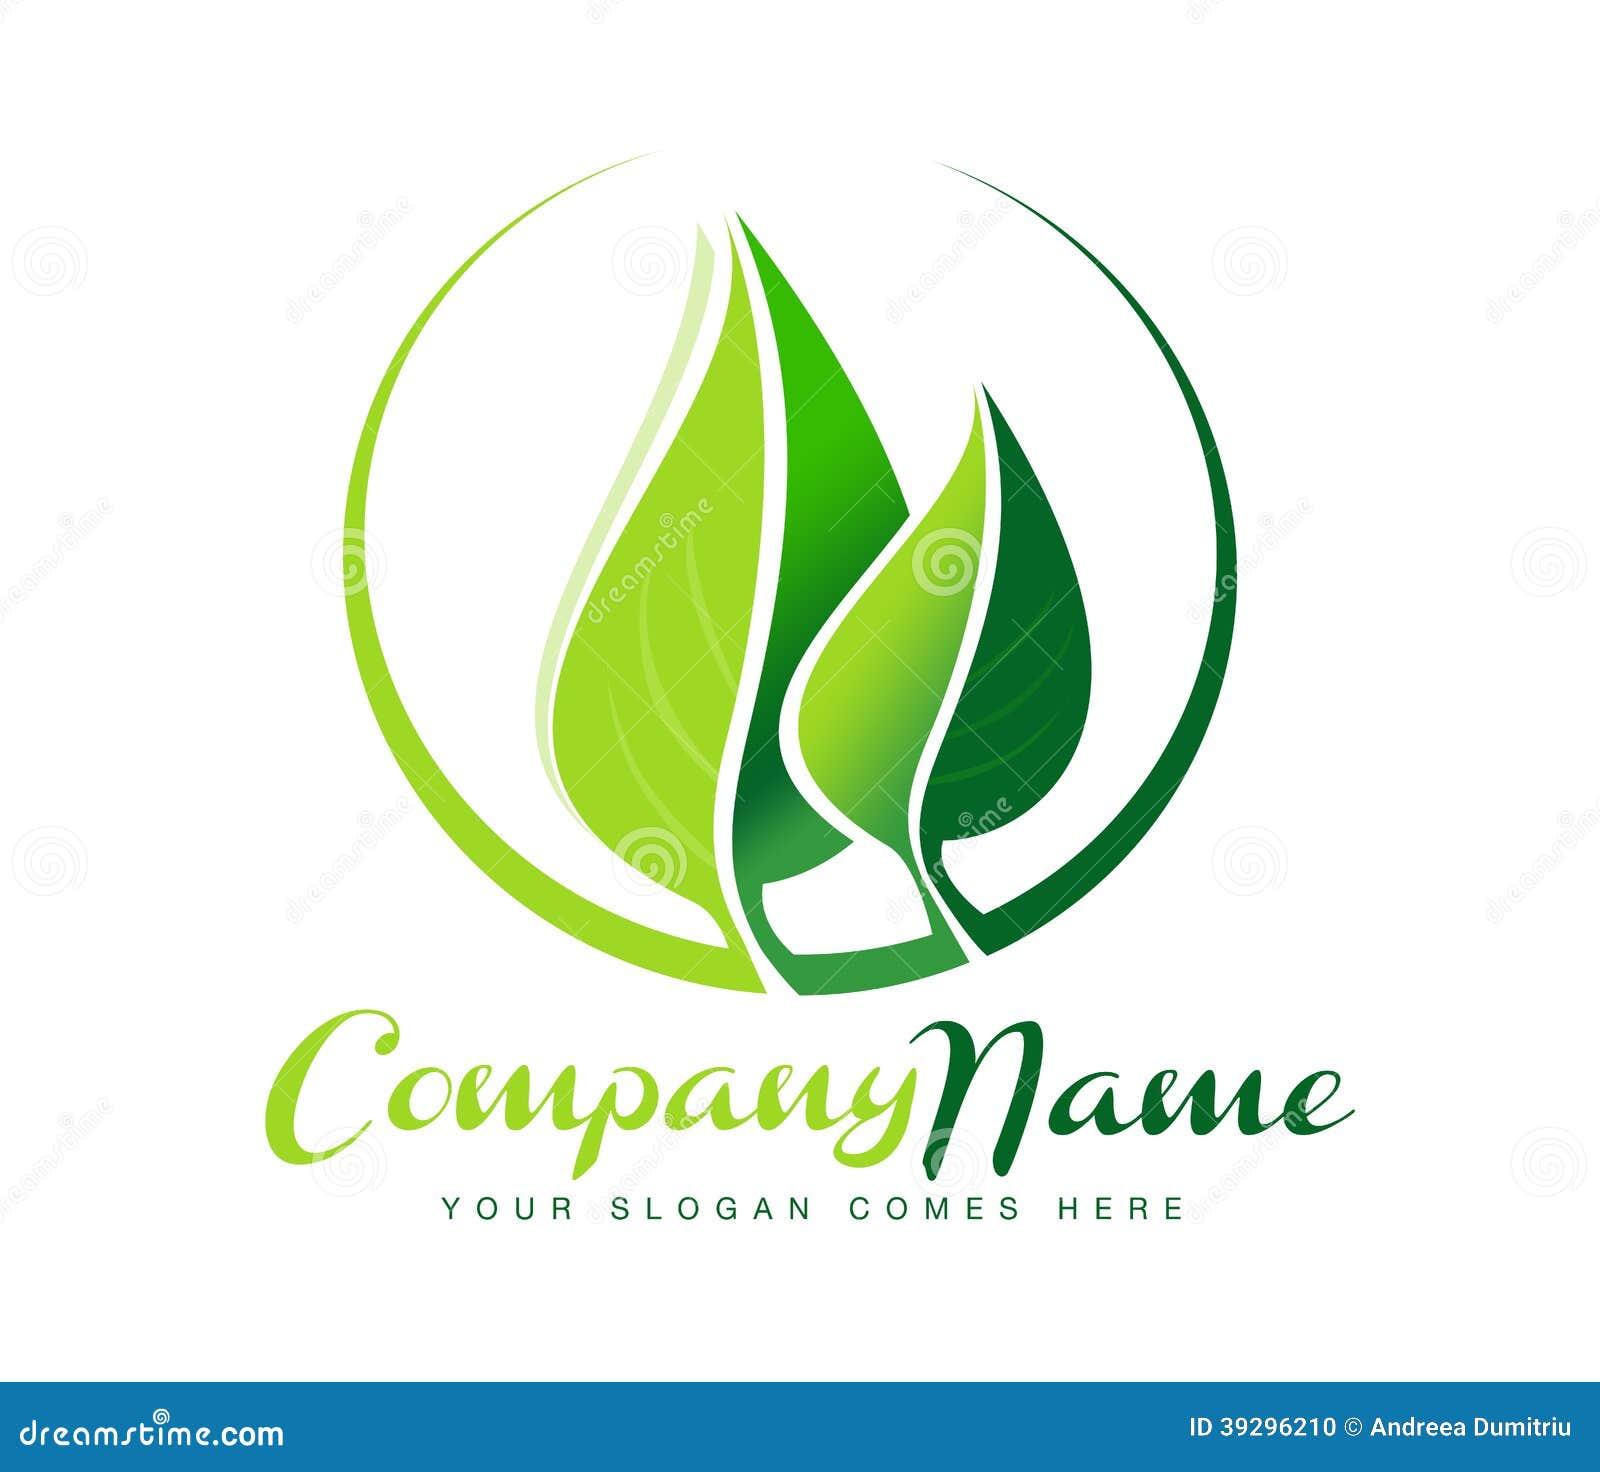 Leaf Logo Stock Vector - Image: 39296210